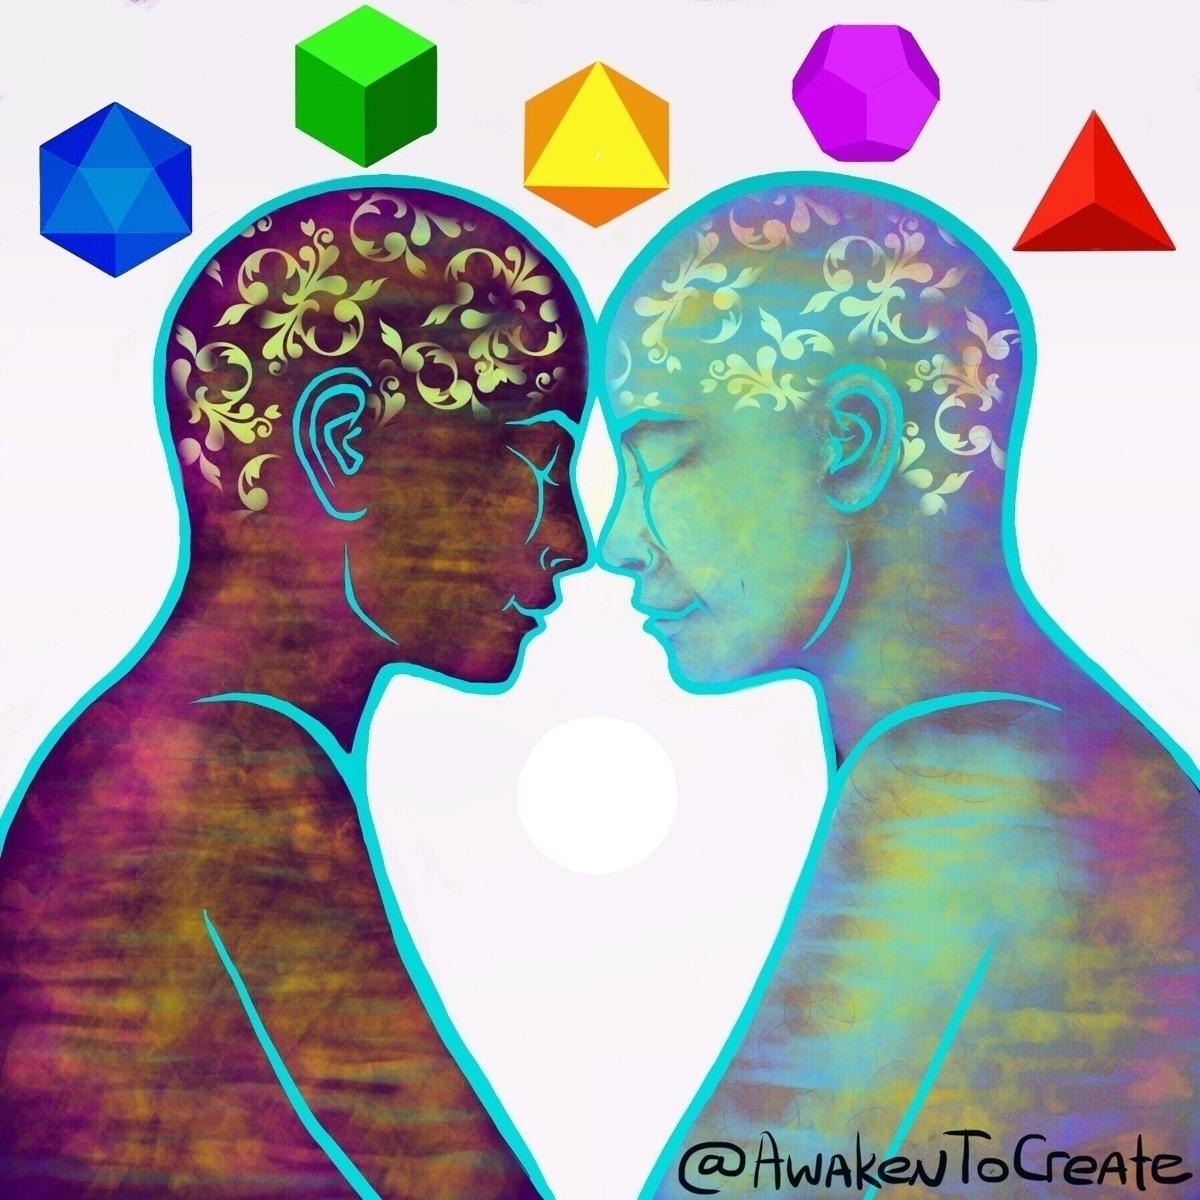 @awakentocreate Cover Image